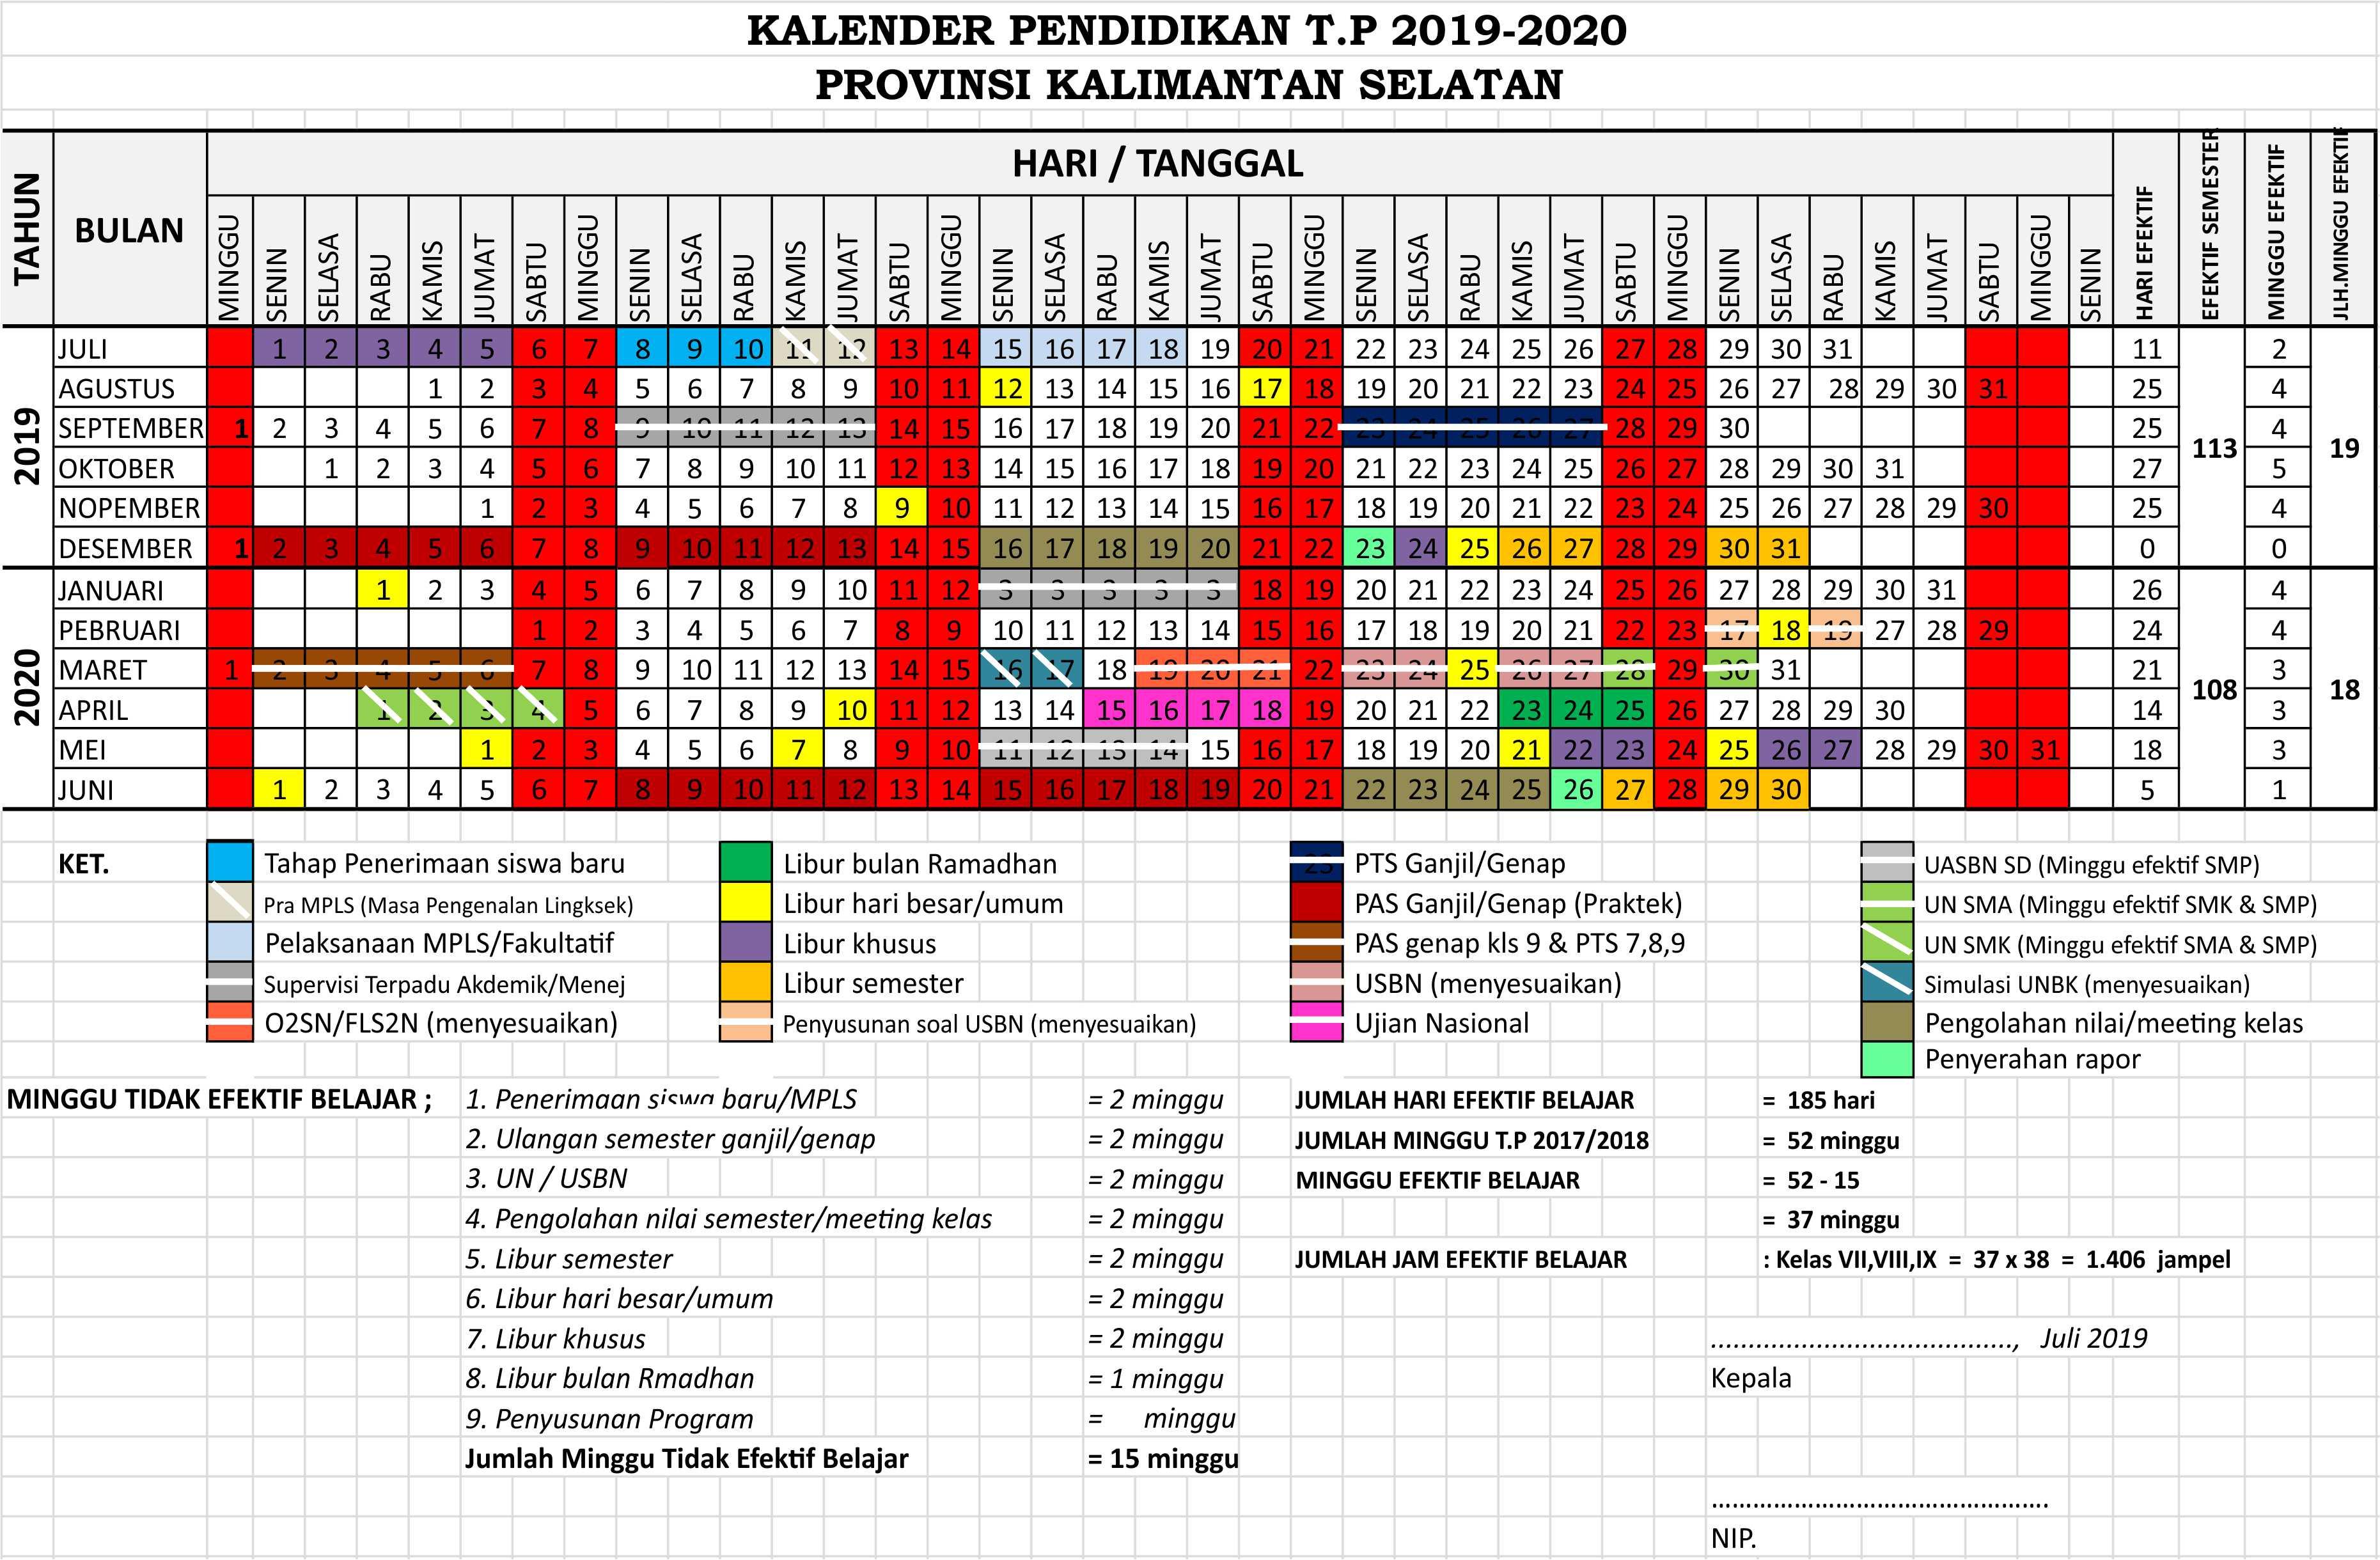 kalender pendidikan 2019 - 2020 kalimantan selatan